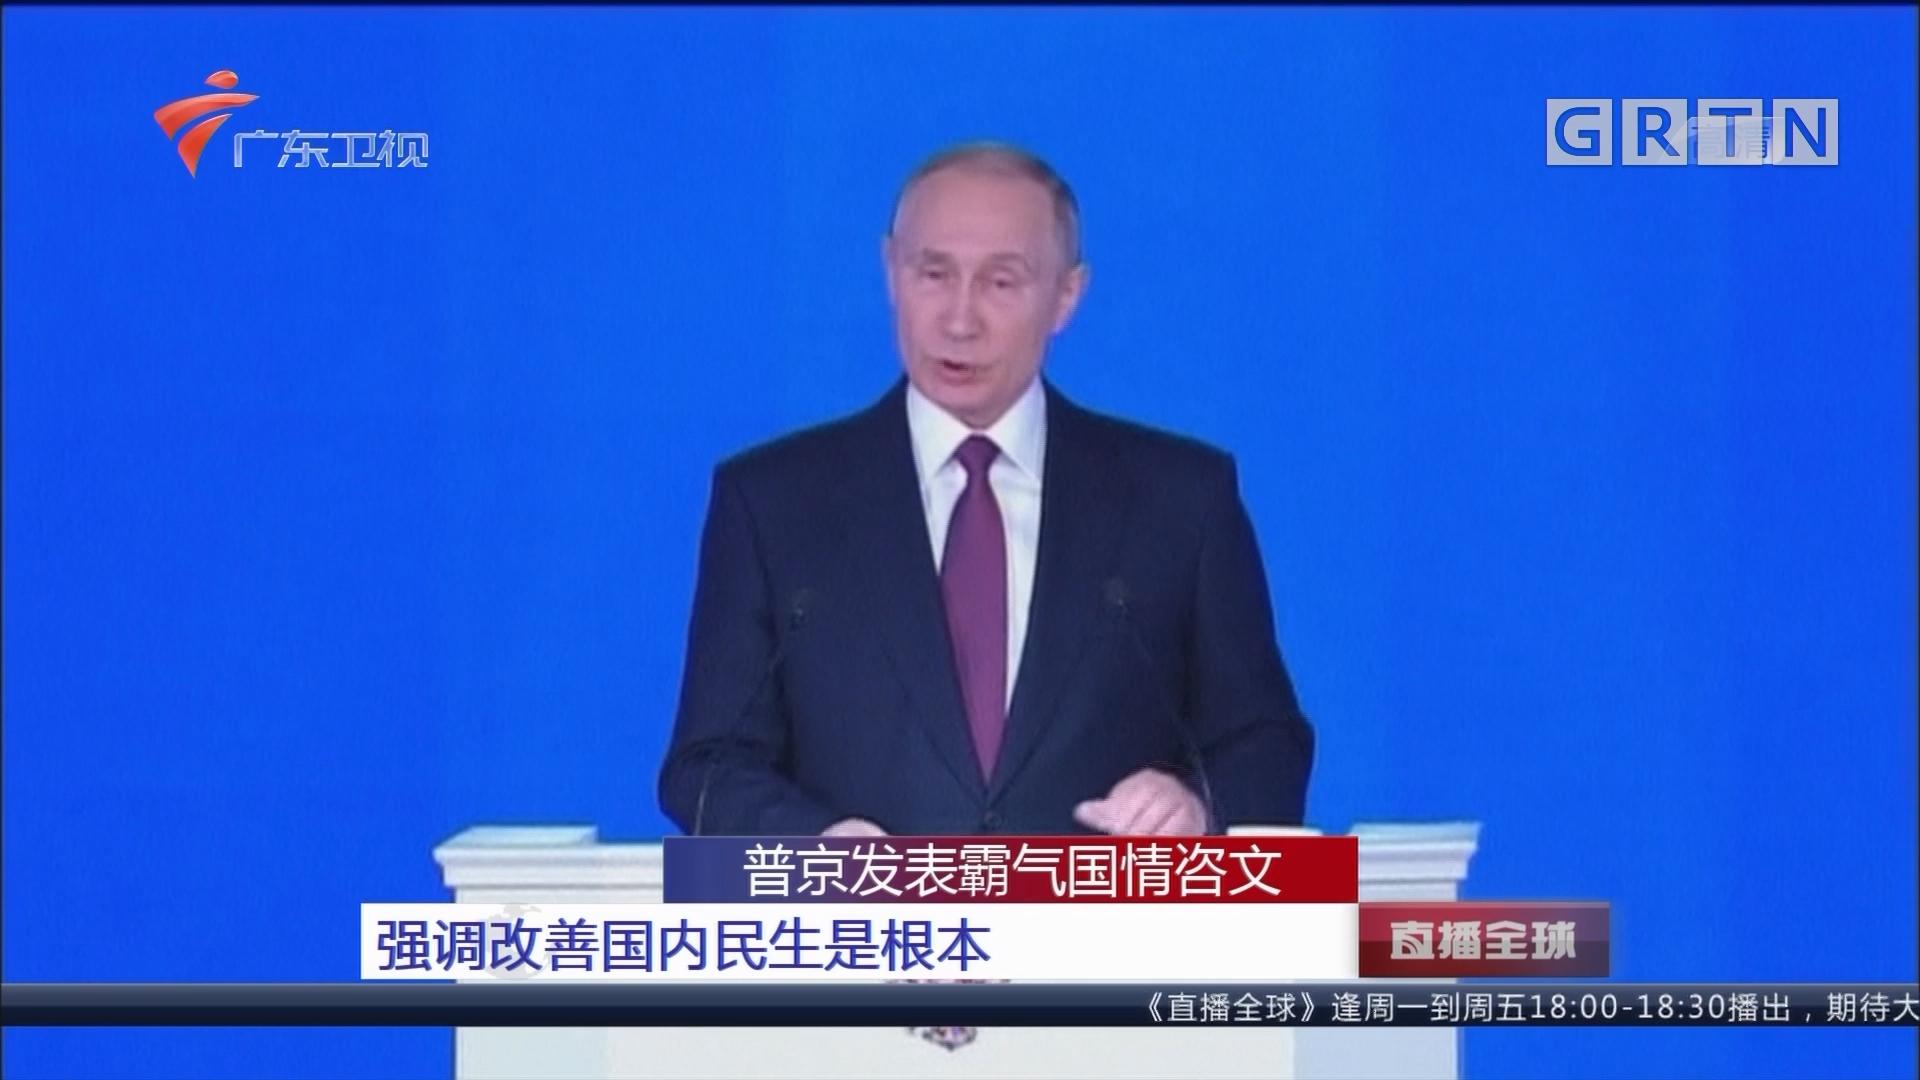 普京发表霸气国情咨文:强调改善国内民生是根本